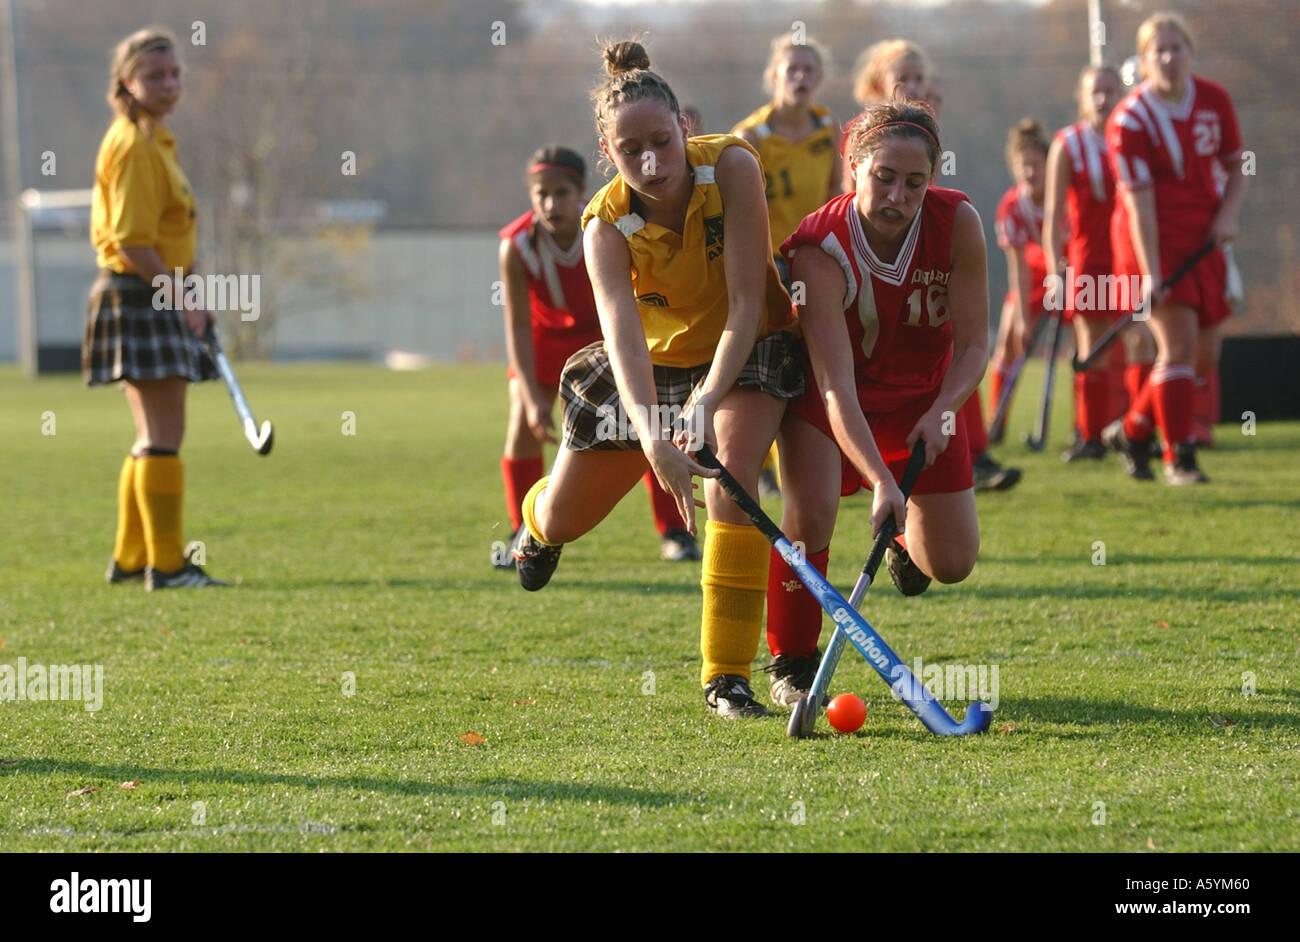 Las niñas jugadores de hockey de campo de batalla para la pelota en el mediocampo Imagen De Stock